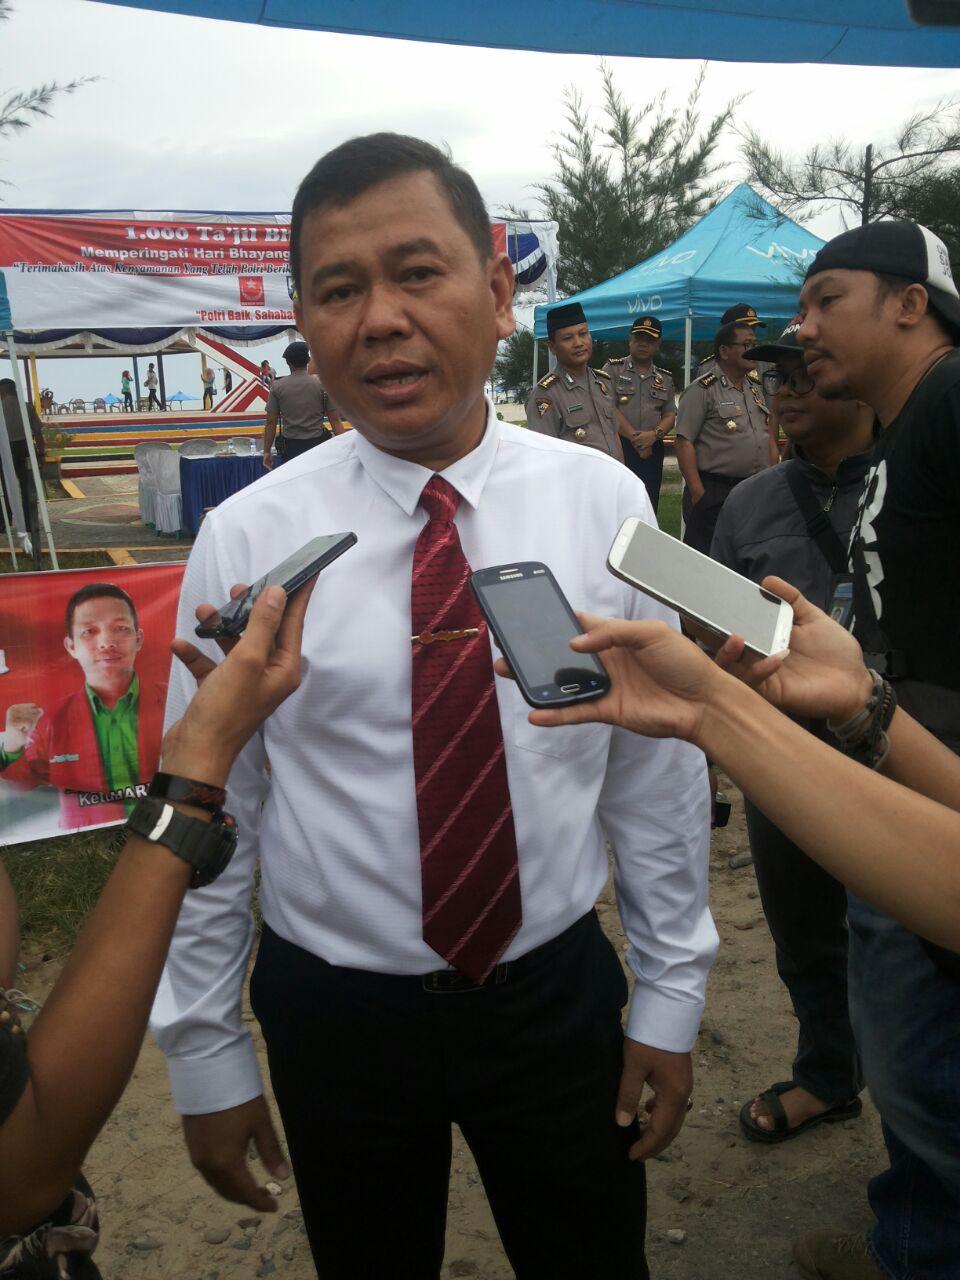 2 Pejabat Pelindo Di tetapkan Tersangka Oleh Polda Bengkulu